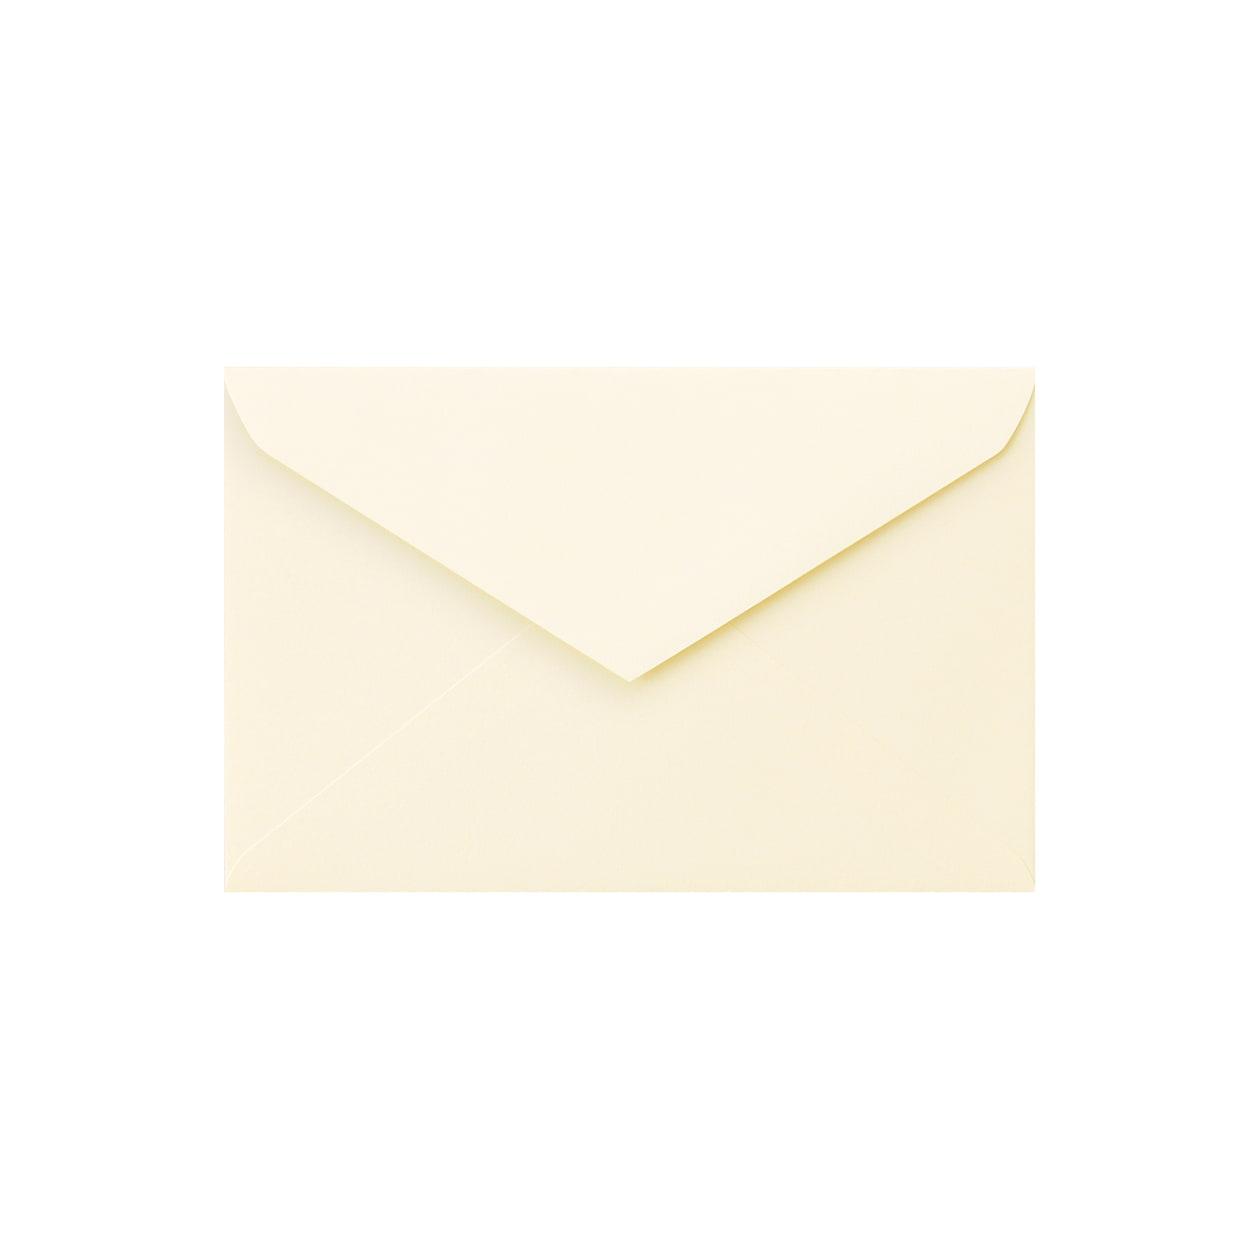 REダイア封筒 コットン ナチュラル 116.3g